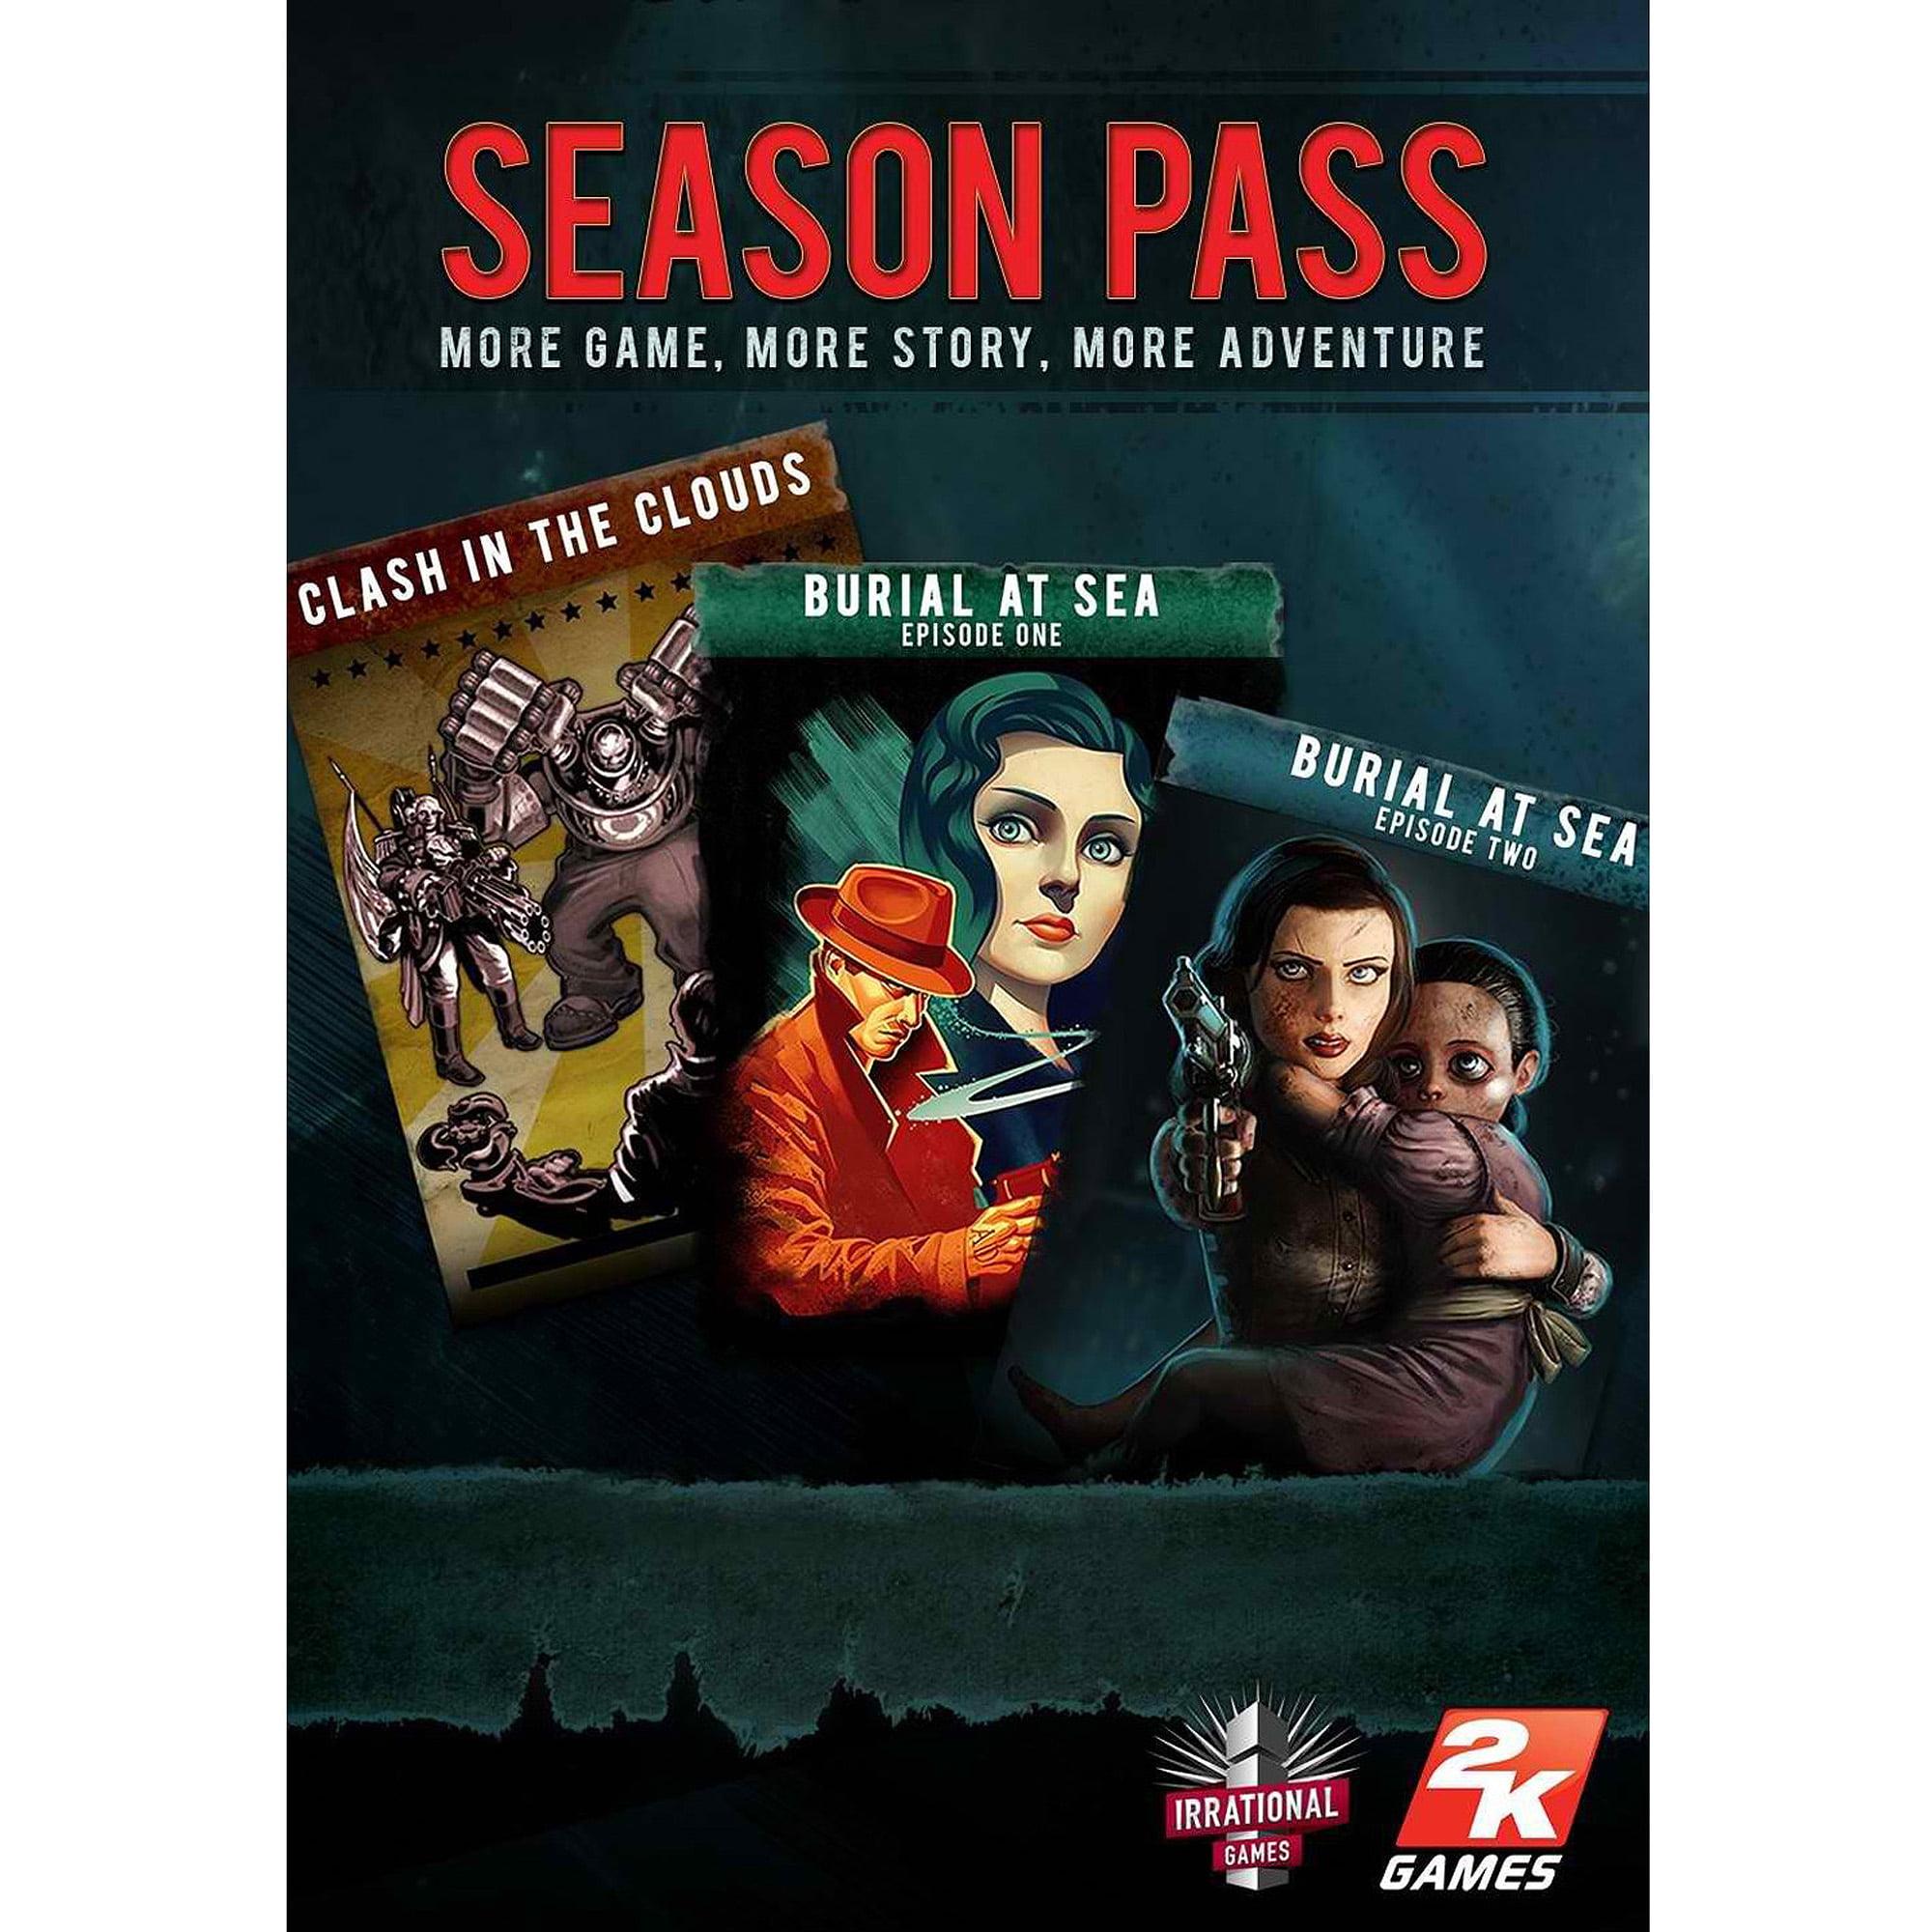 BioShock Infinite Season Pass (Digital Code) (PC)